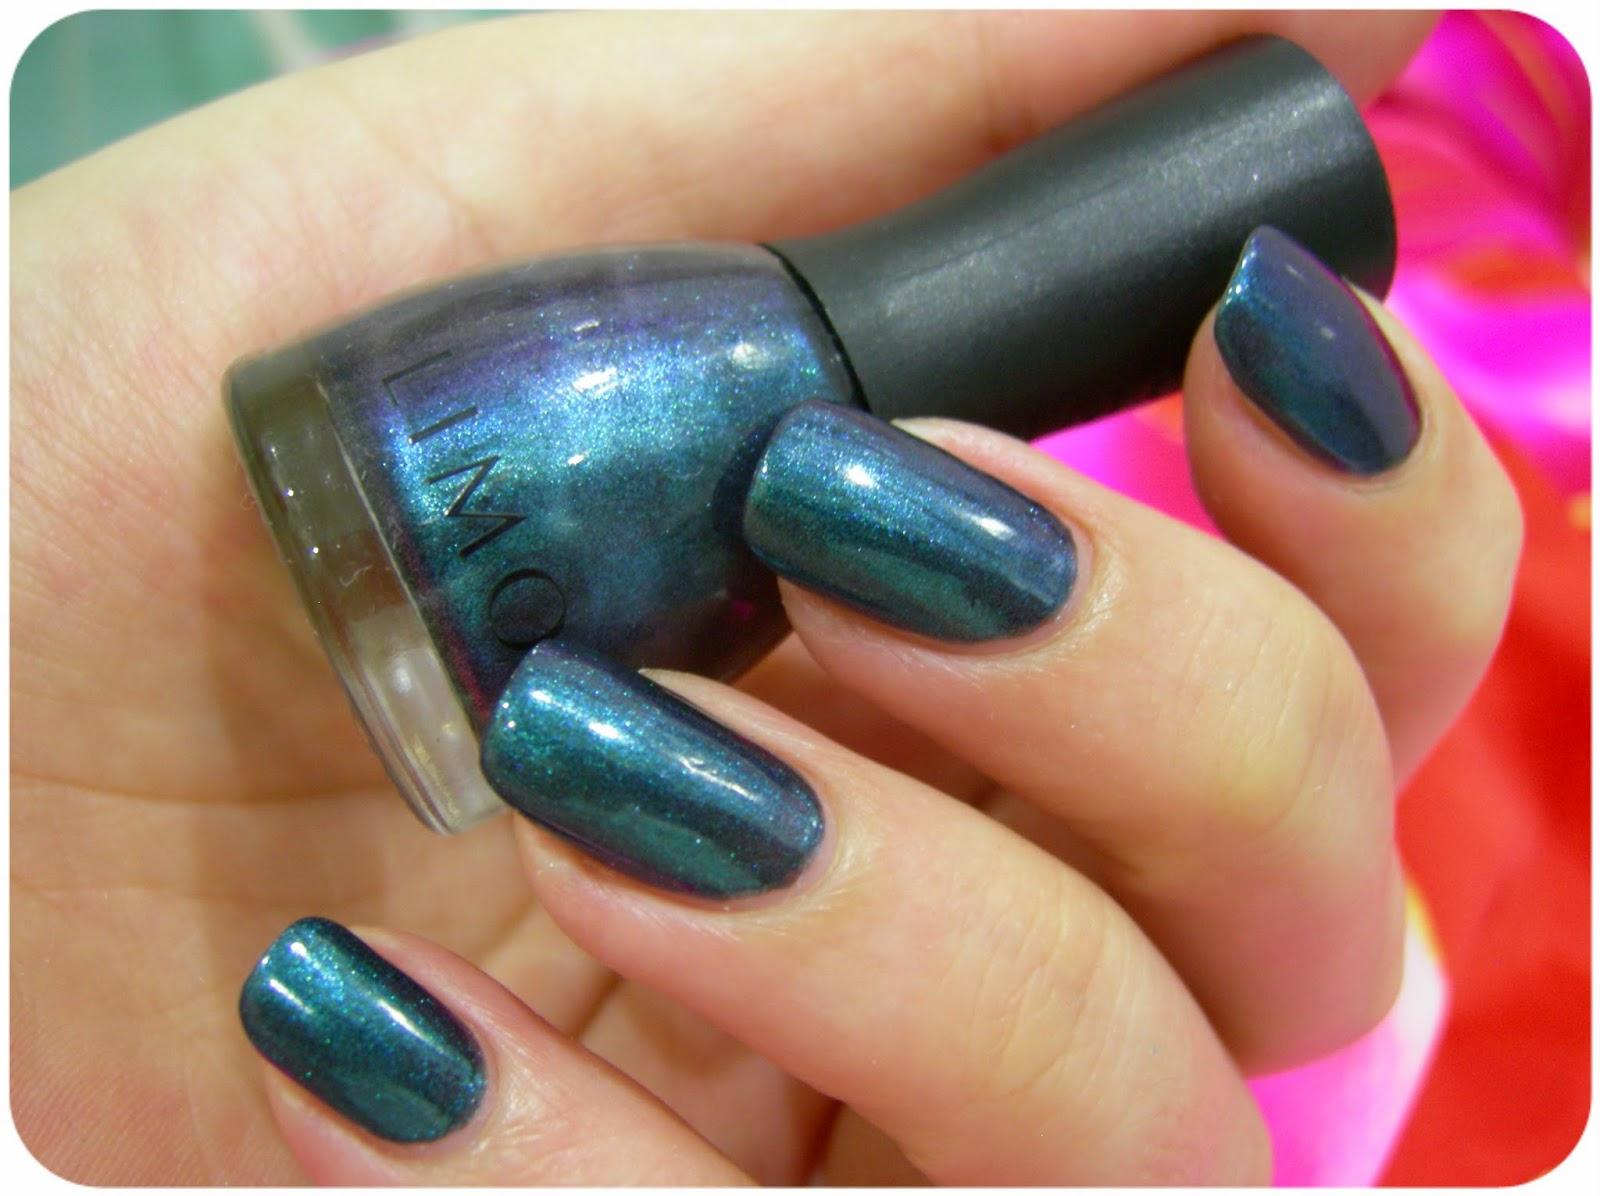 Сочетание цветов лака для ногтей (36 фото маникюр из двух оттенков) 22